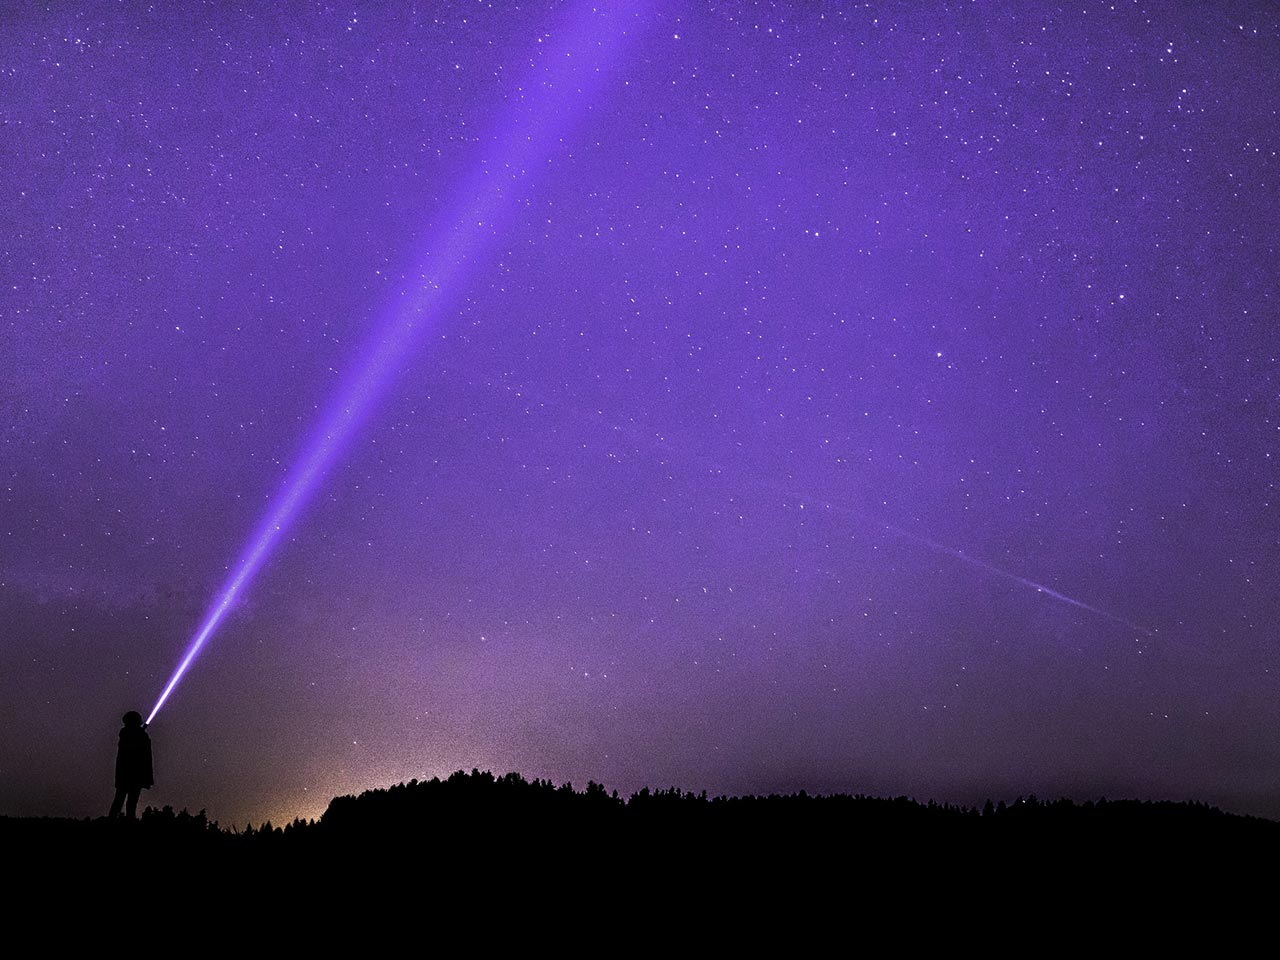 Et si les astéroïdes autour de la Terre étaient les mines d'or du futur ? -